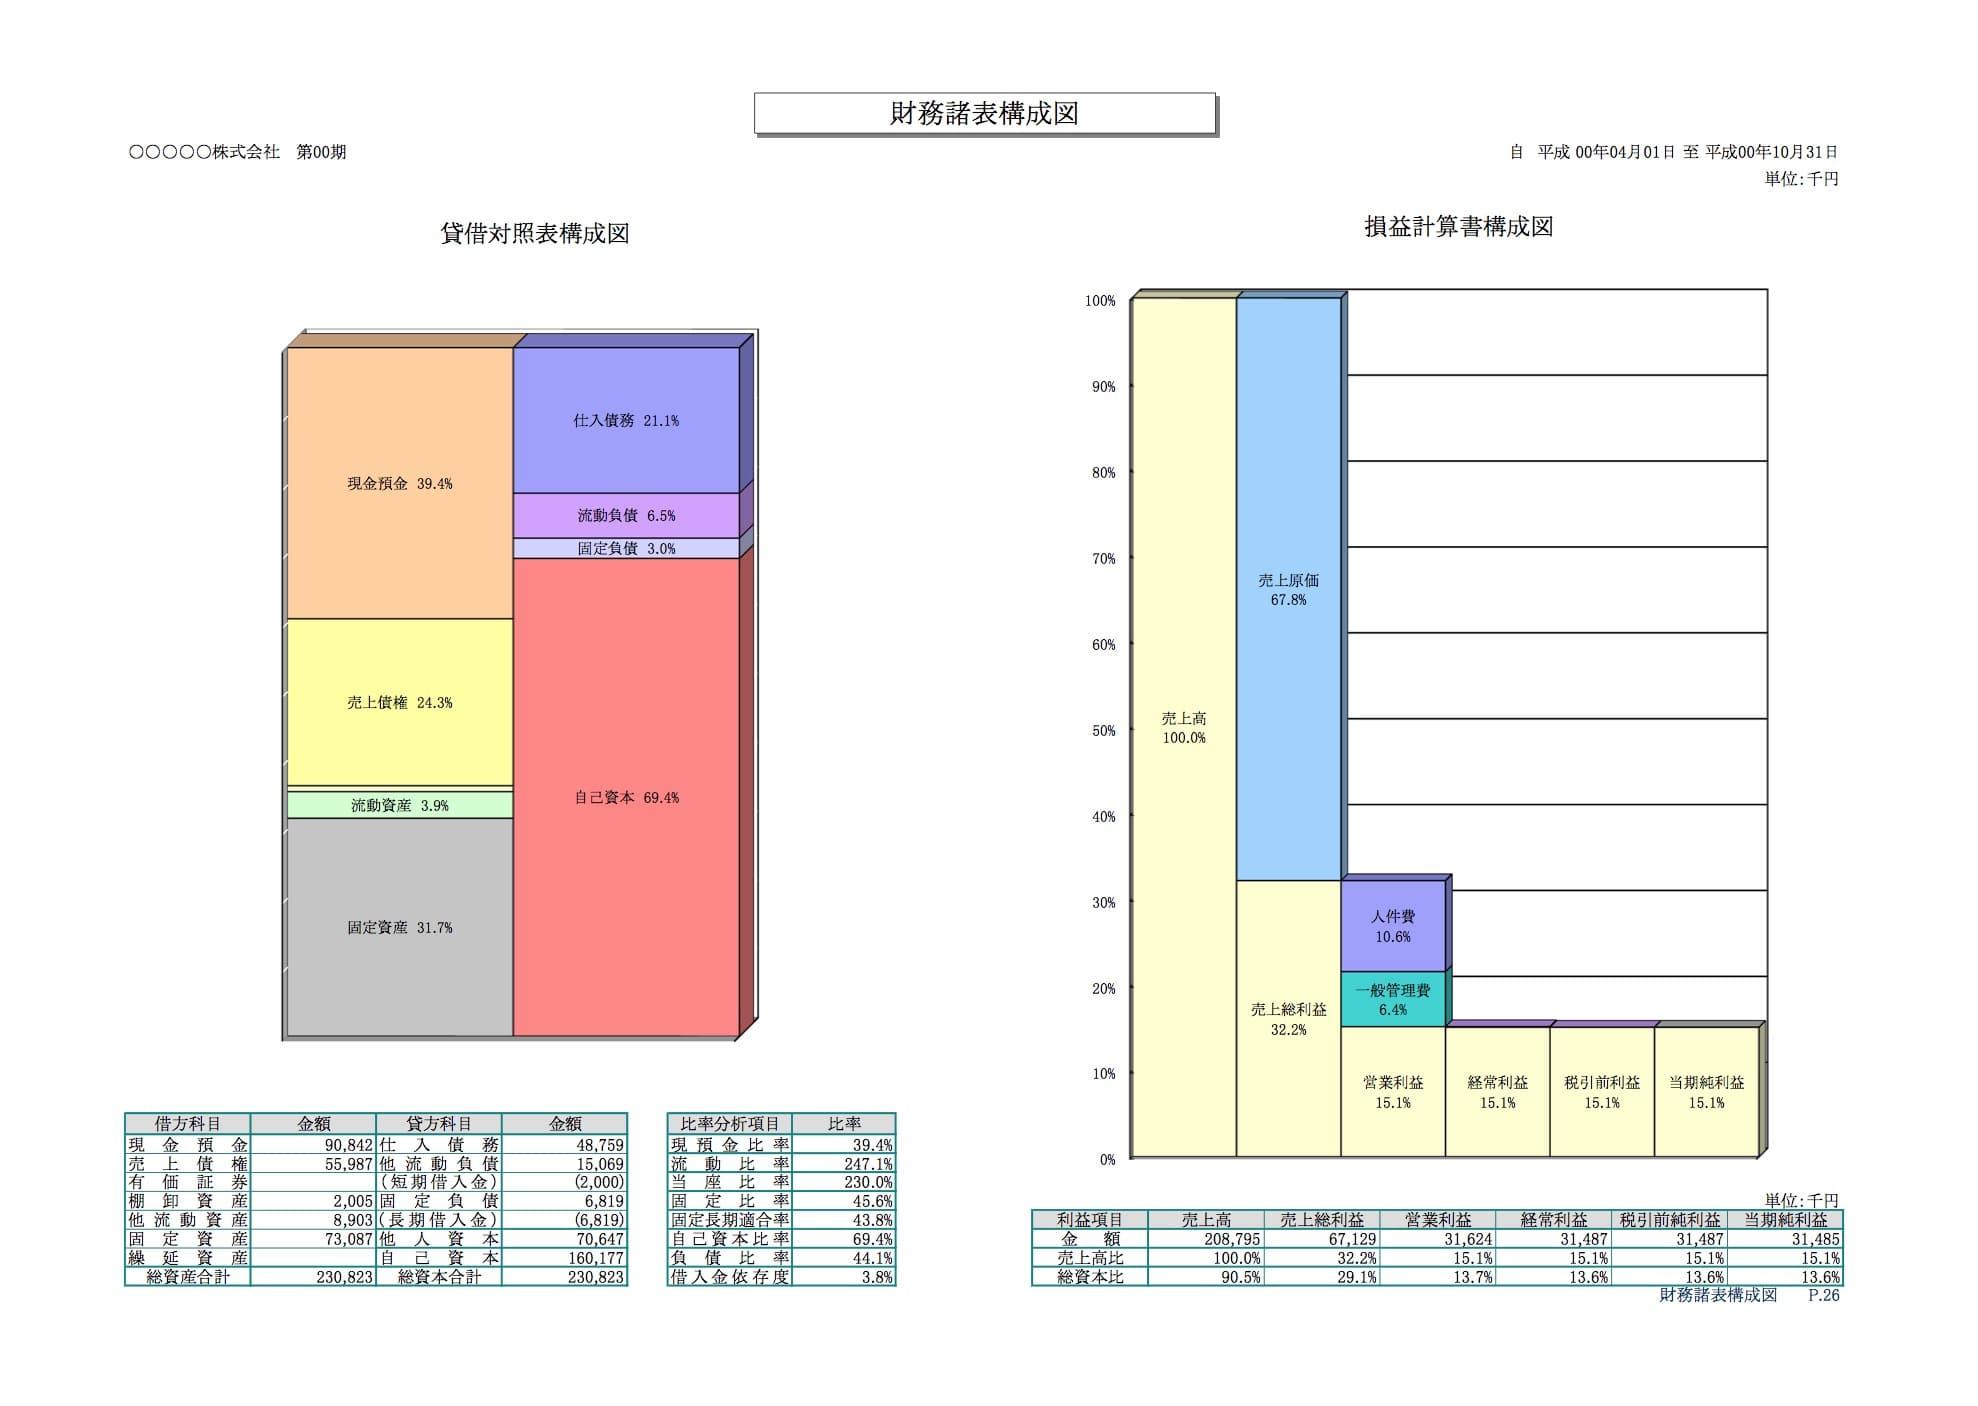 経営分析資料-3見本(PDF)